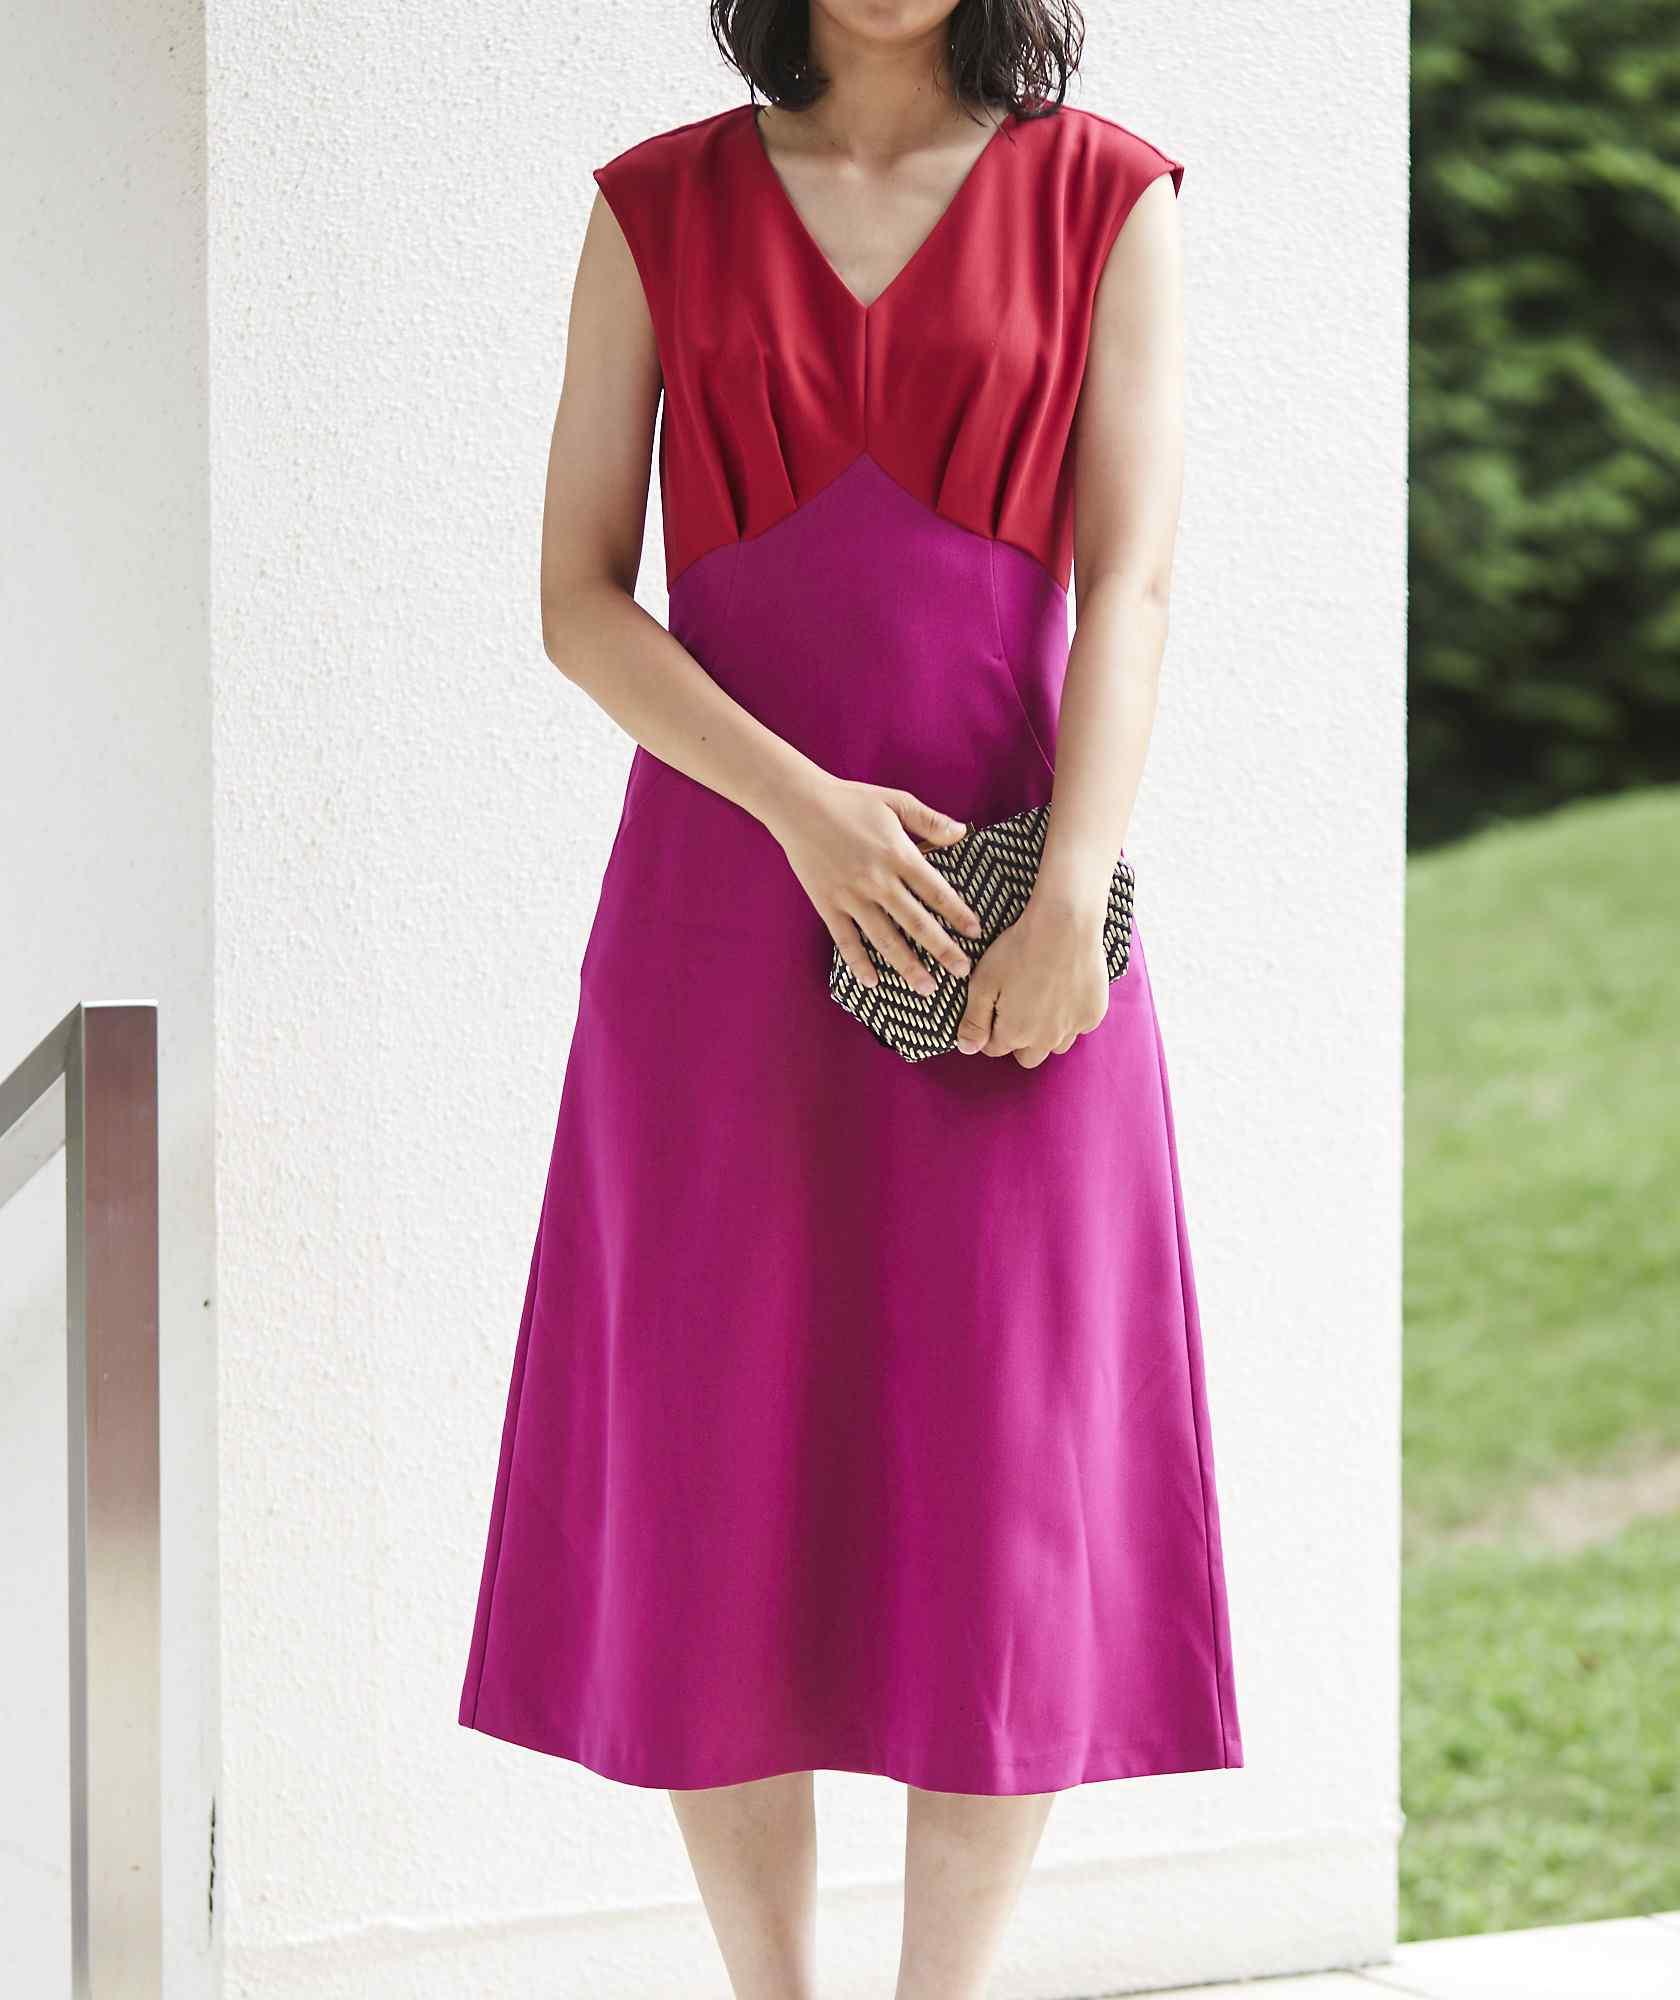 ブロッキングカラーAラインミディアムドレス-ピンク-M-L